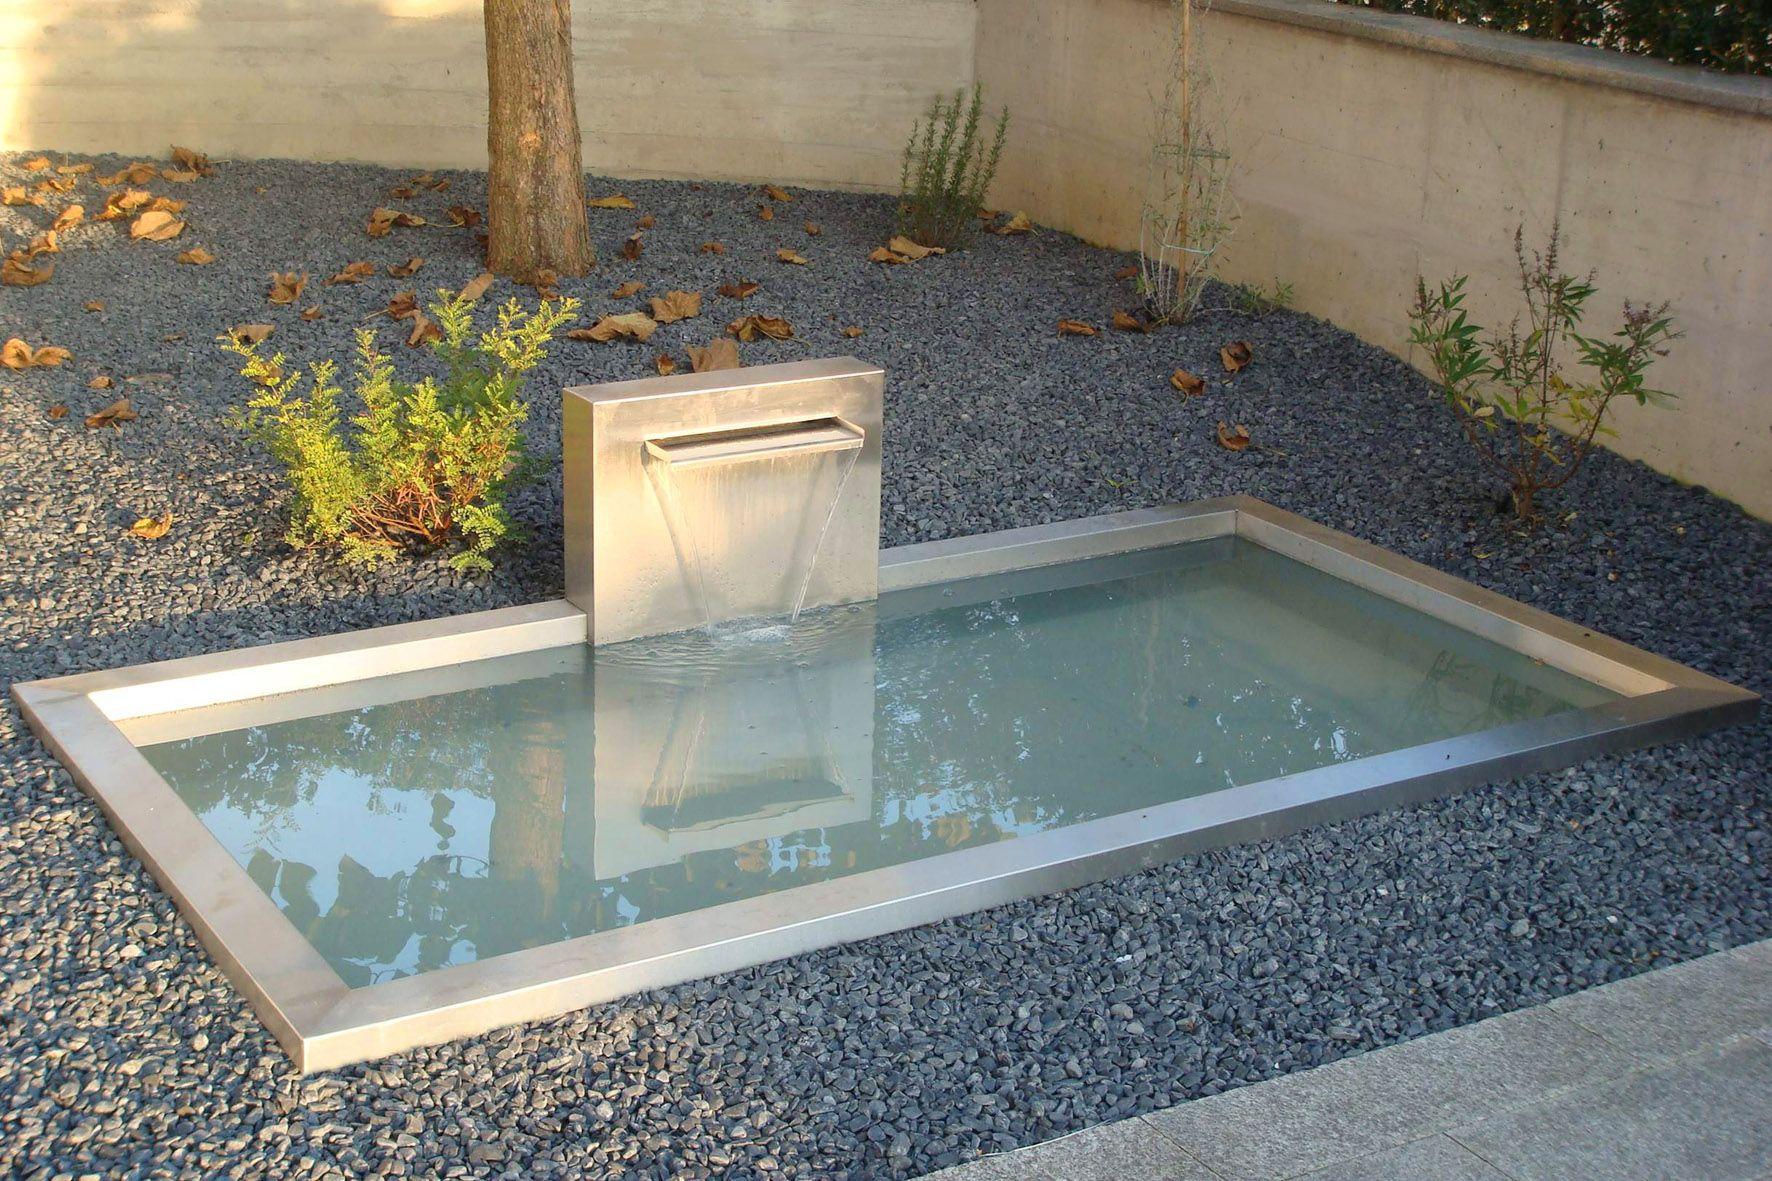 Wasserspiel 984   Garten   Pinterest   Wasserspiele, Gärten und Wasser